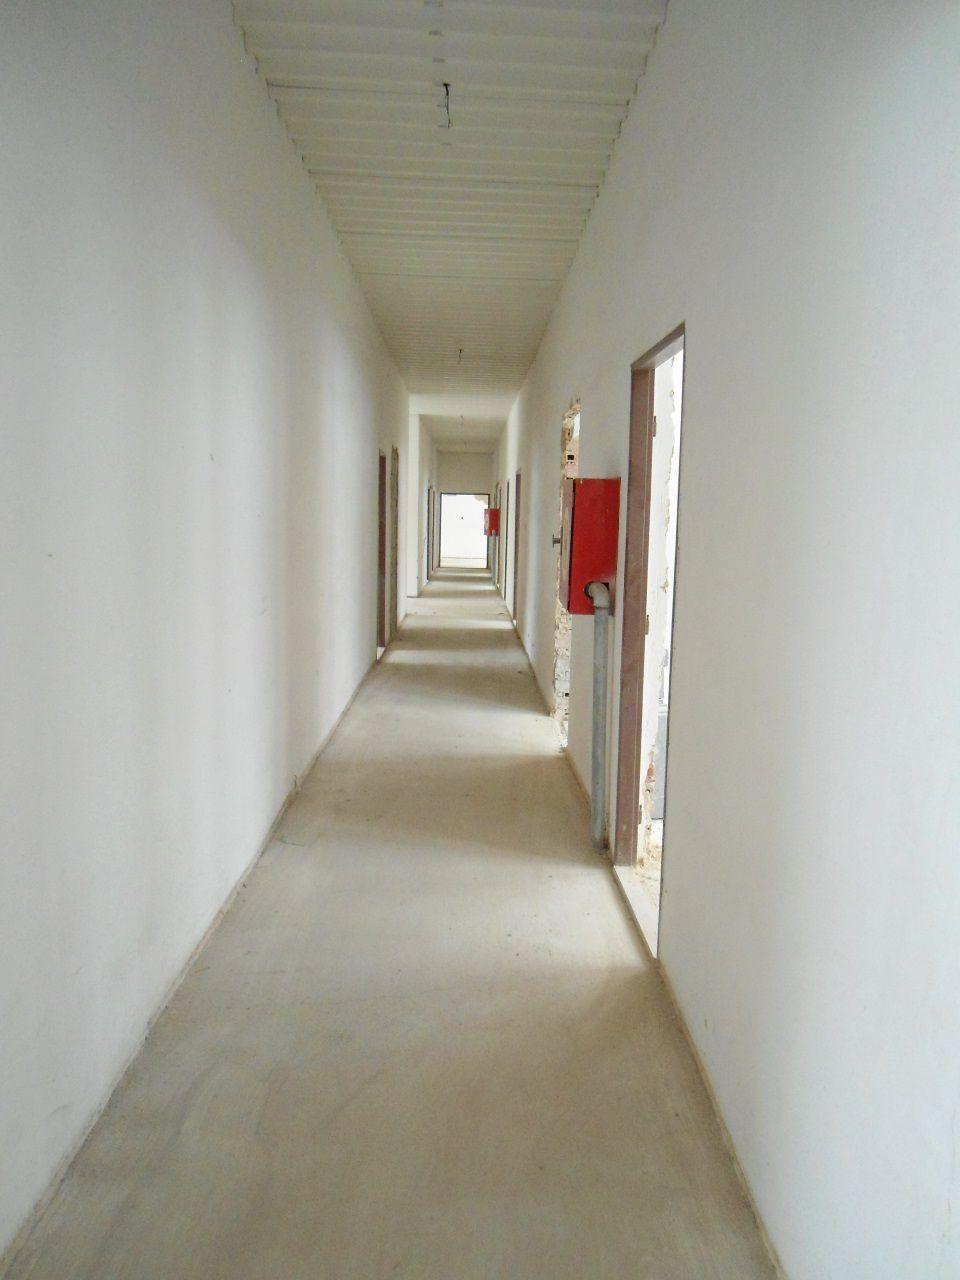 NR -  4 km od NR, budova vhodná na ubytovňu prípadne na administratívu, zastavaná plocha 660 m2, okrajová  časť obce, parkovanie  (1148-28)